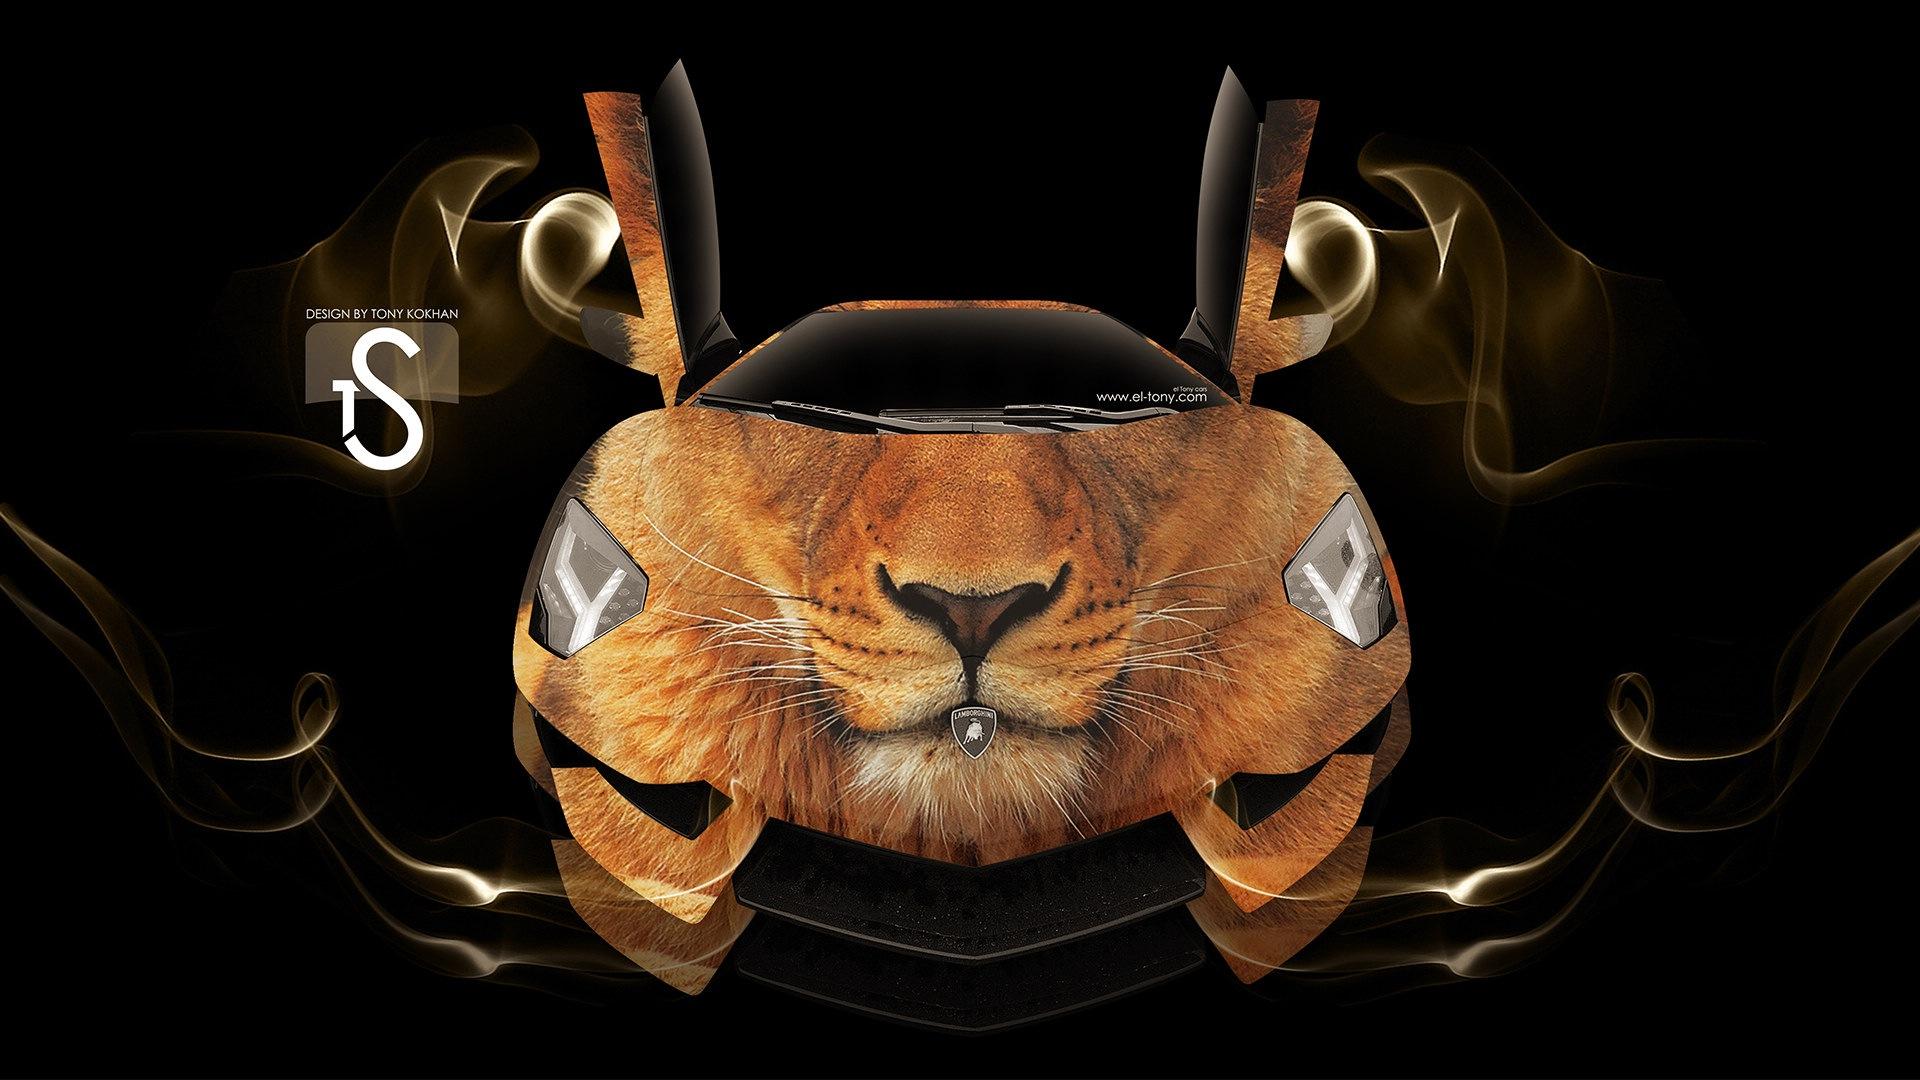 梦幻创意汽车设计壁纸,动物汽车3 - 1920x1080图片